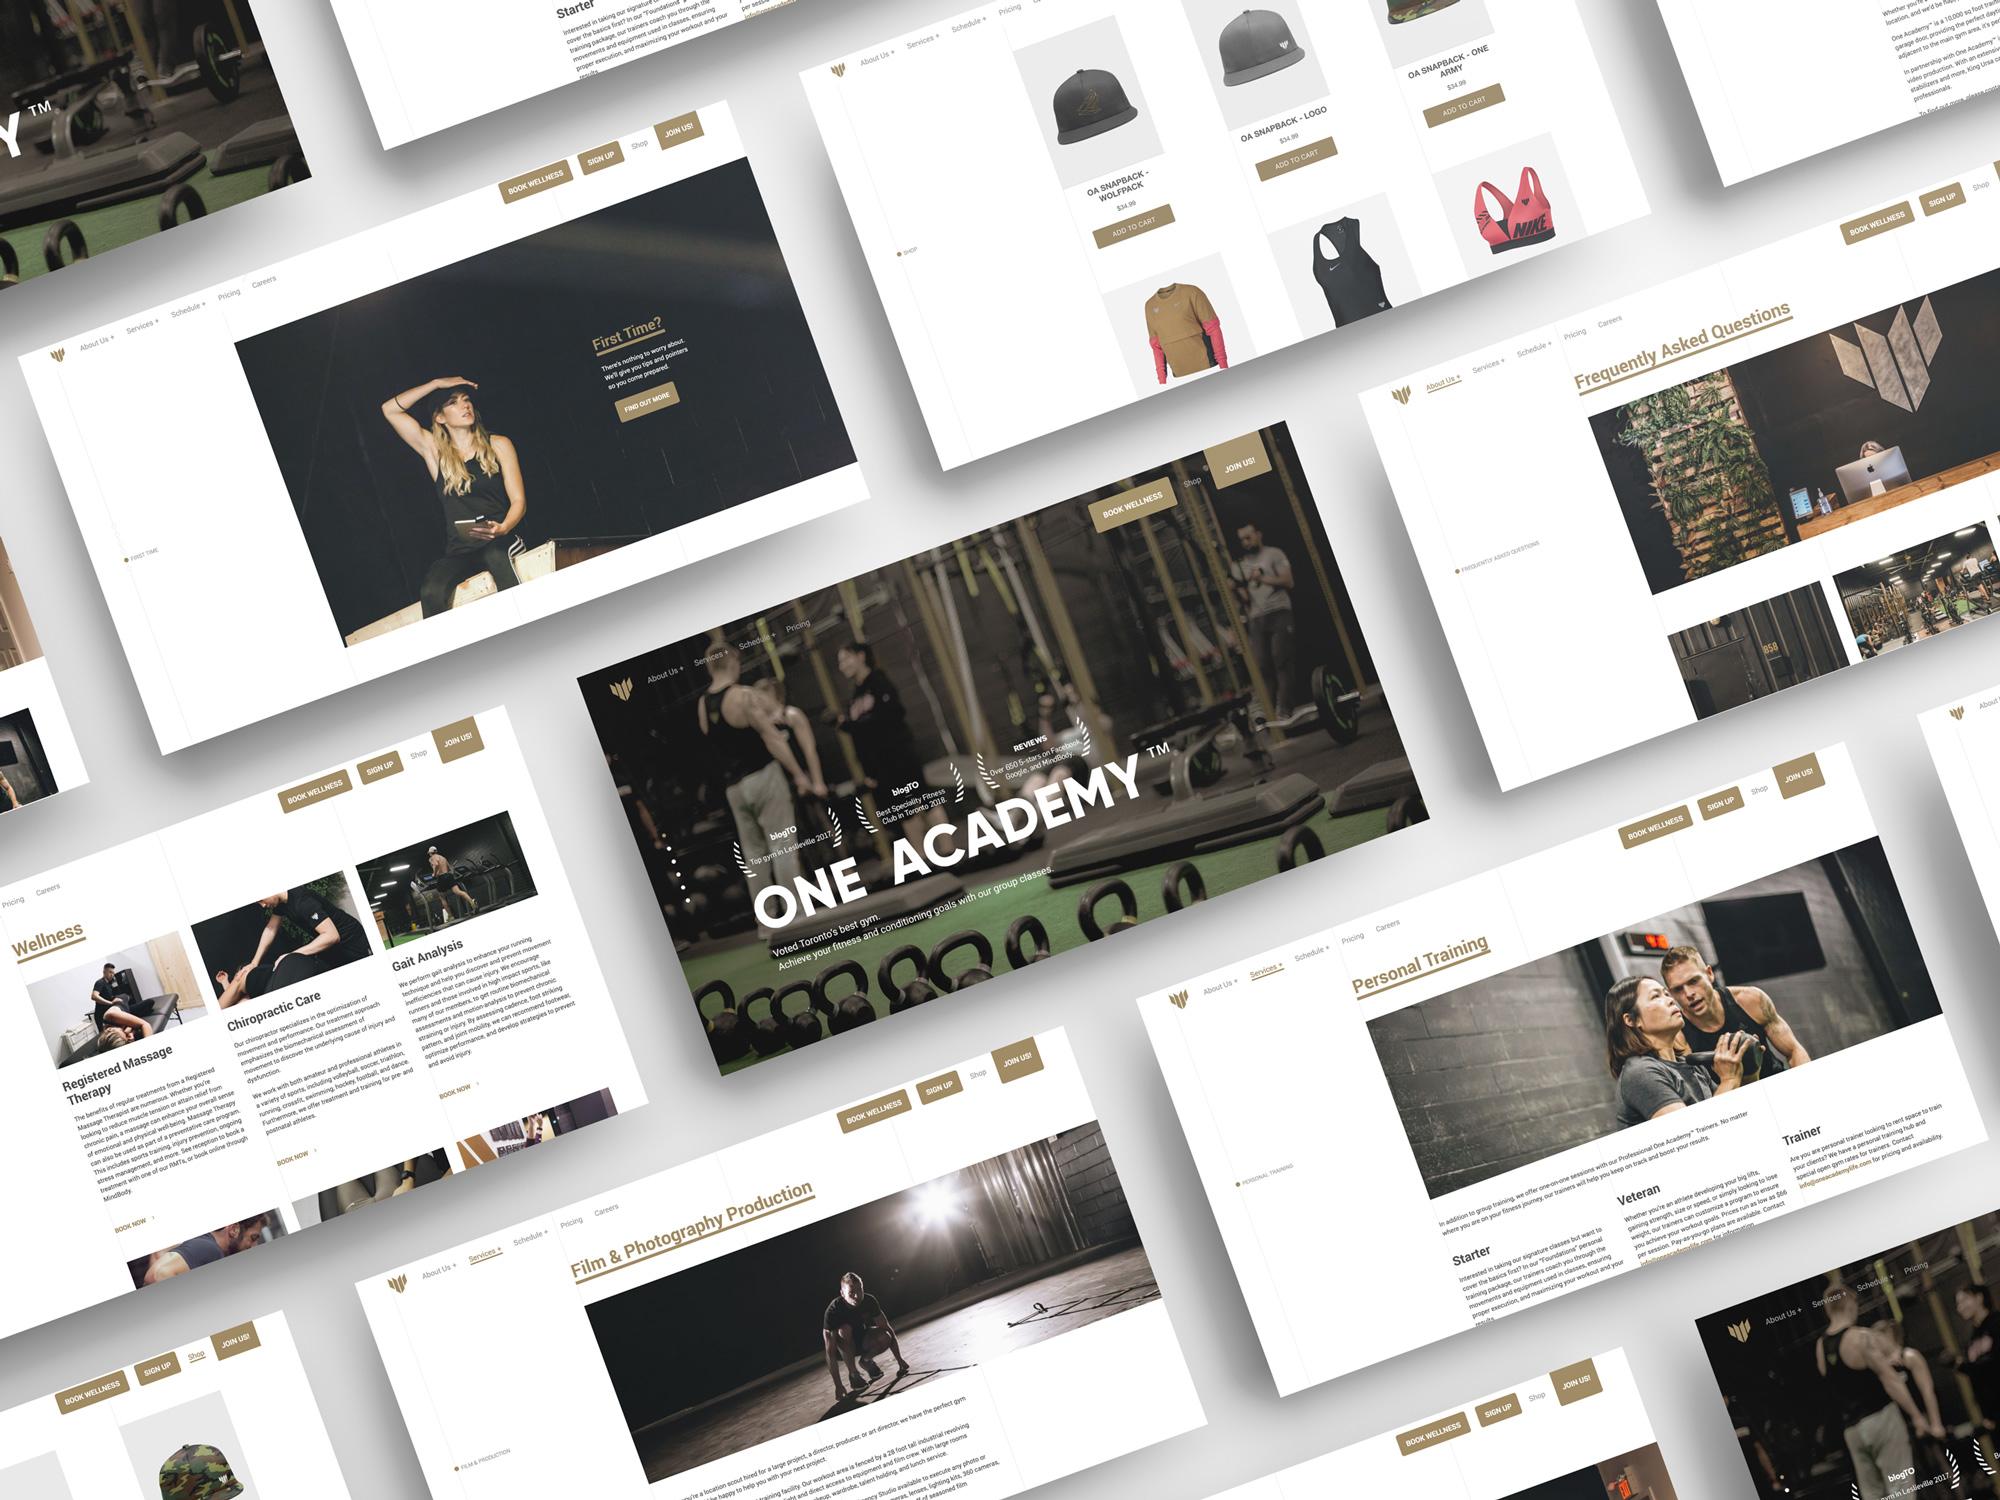 One Academy Web Mock Up